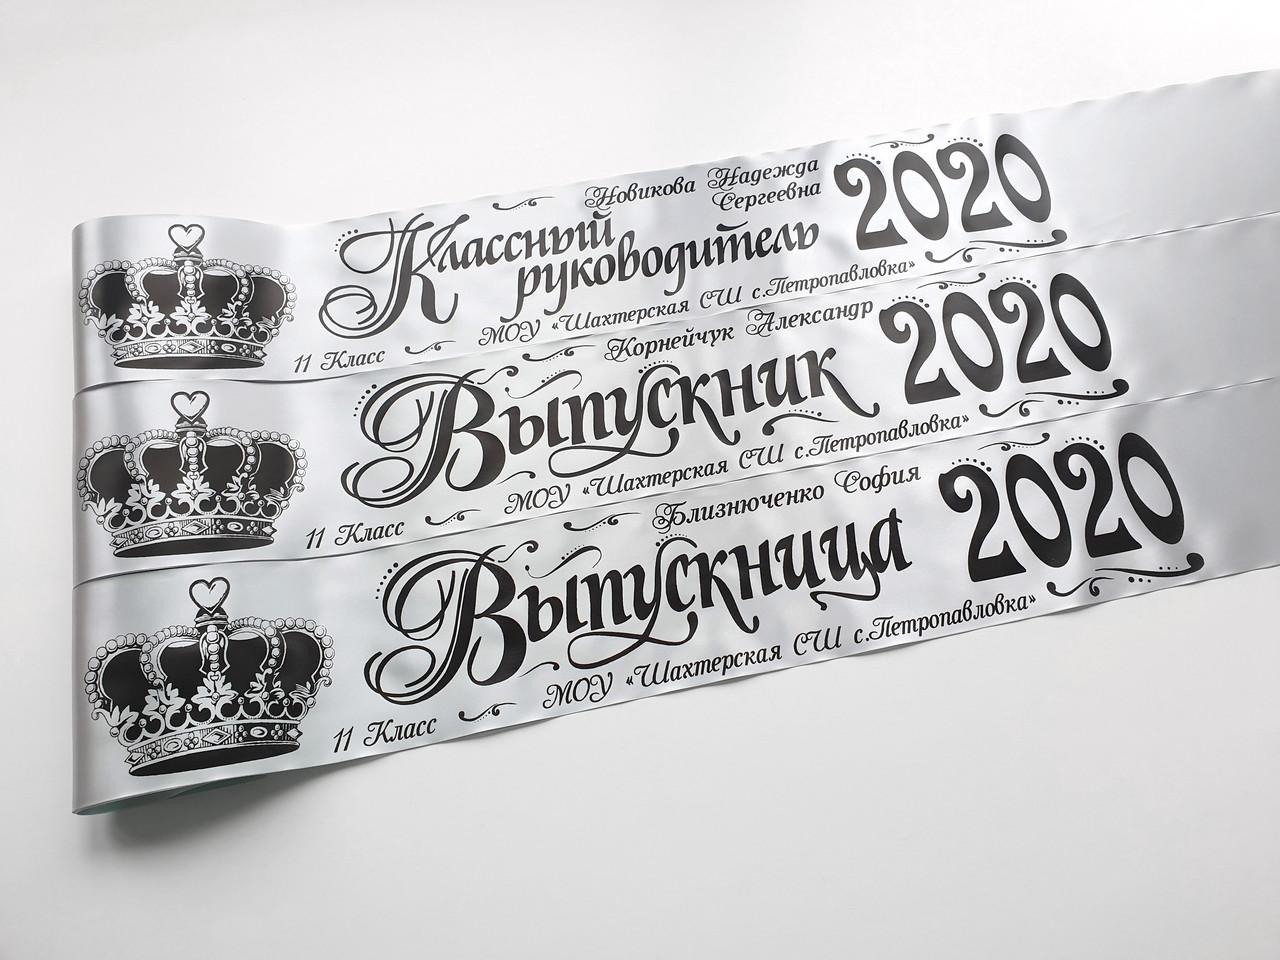 Именные ленты «Выпускник 2020» серебристого цвета для выпускников и педагогов!